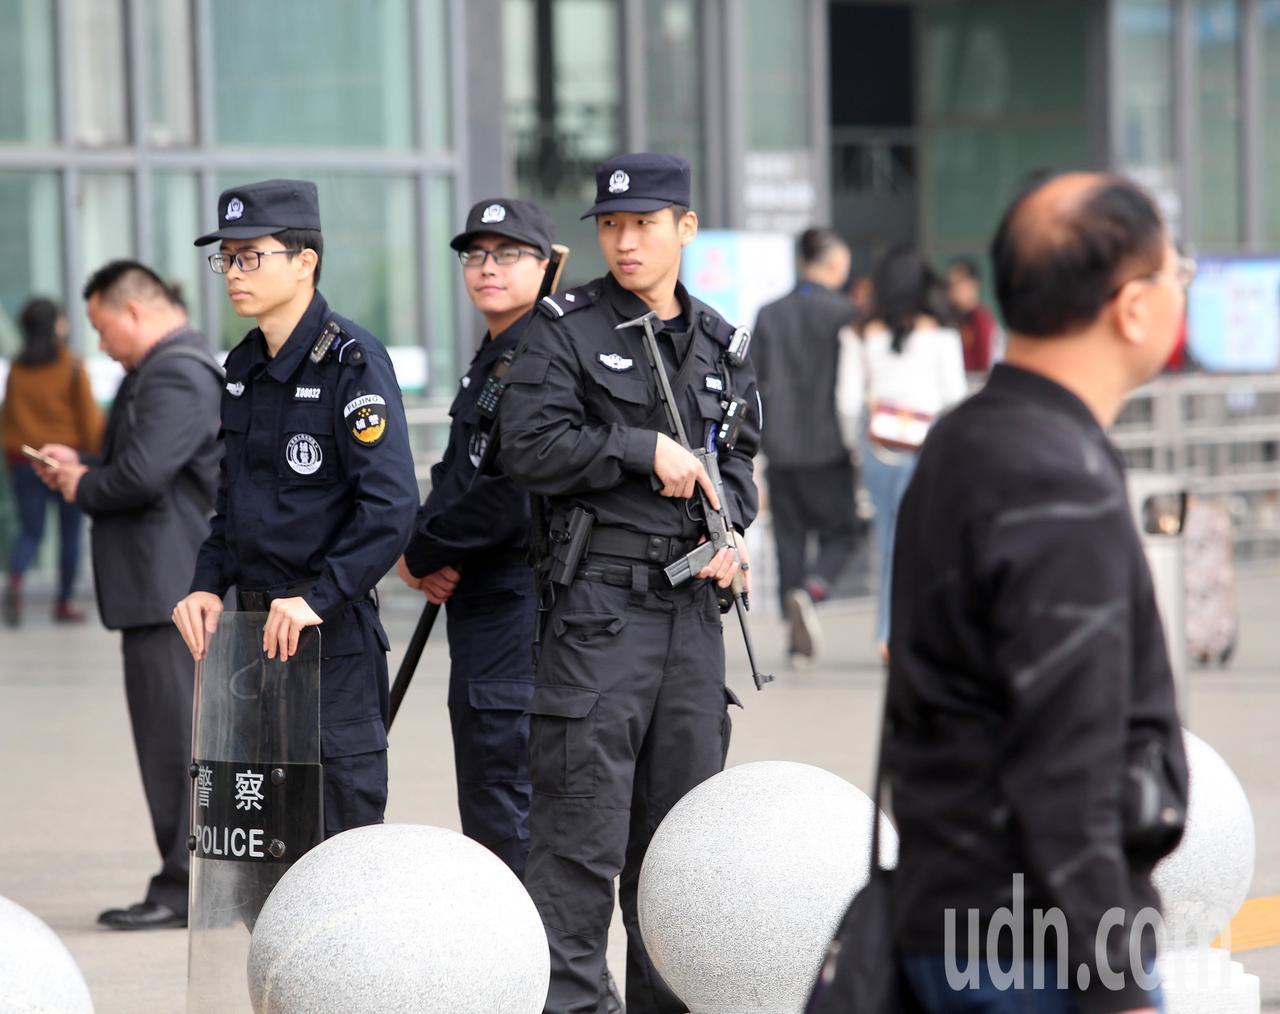 韓國瑜參訪團一行人抵達廈門,現場有公安持槍警戒。記者劉學聖/攝影